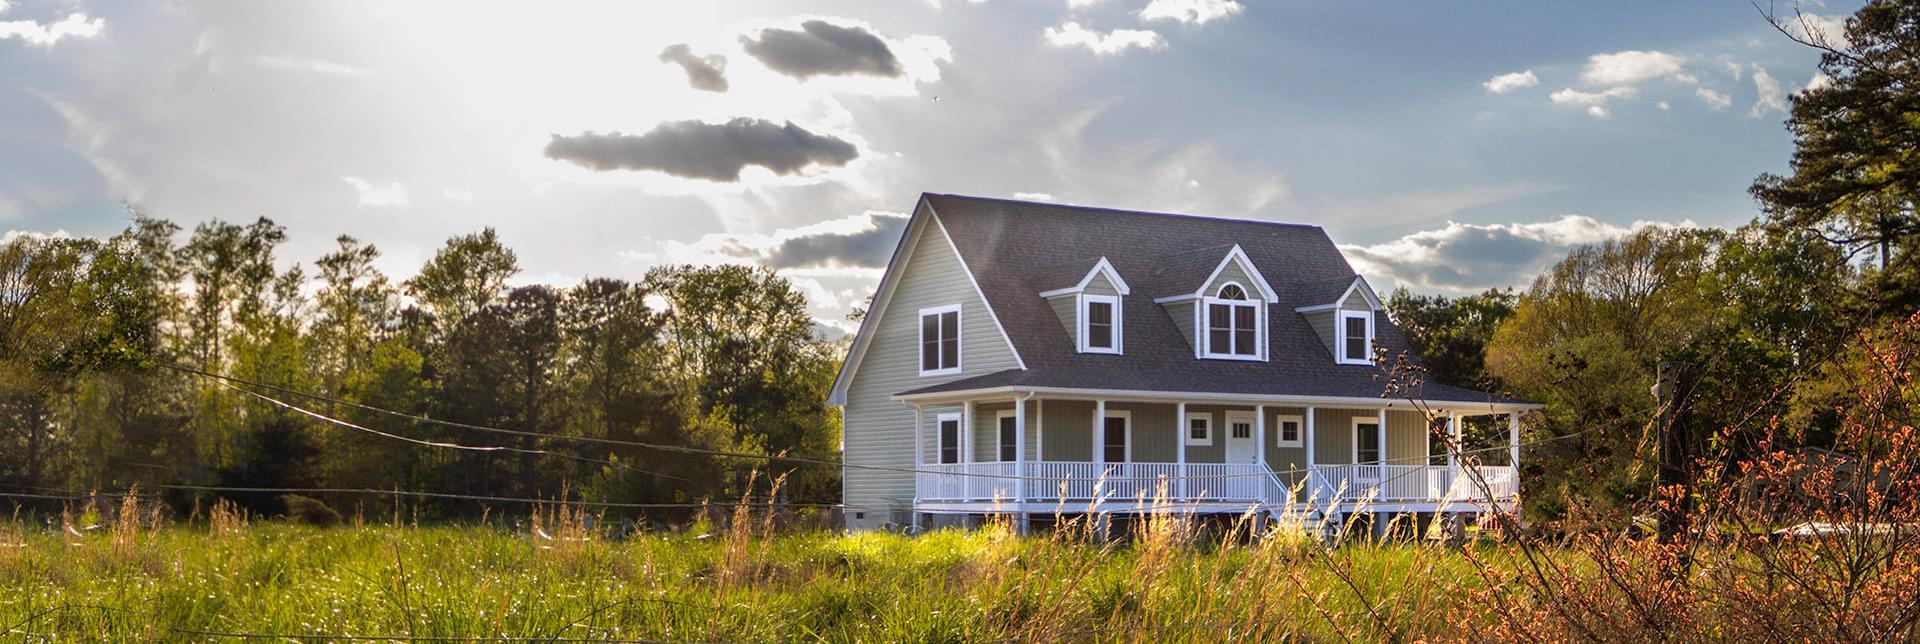 New Homes in Manassas VA